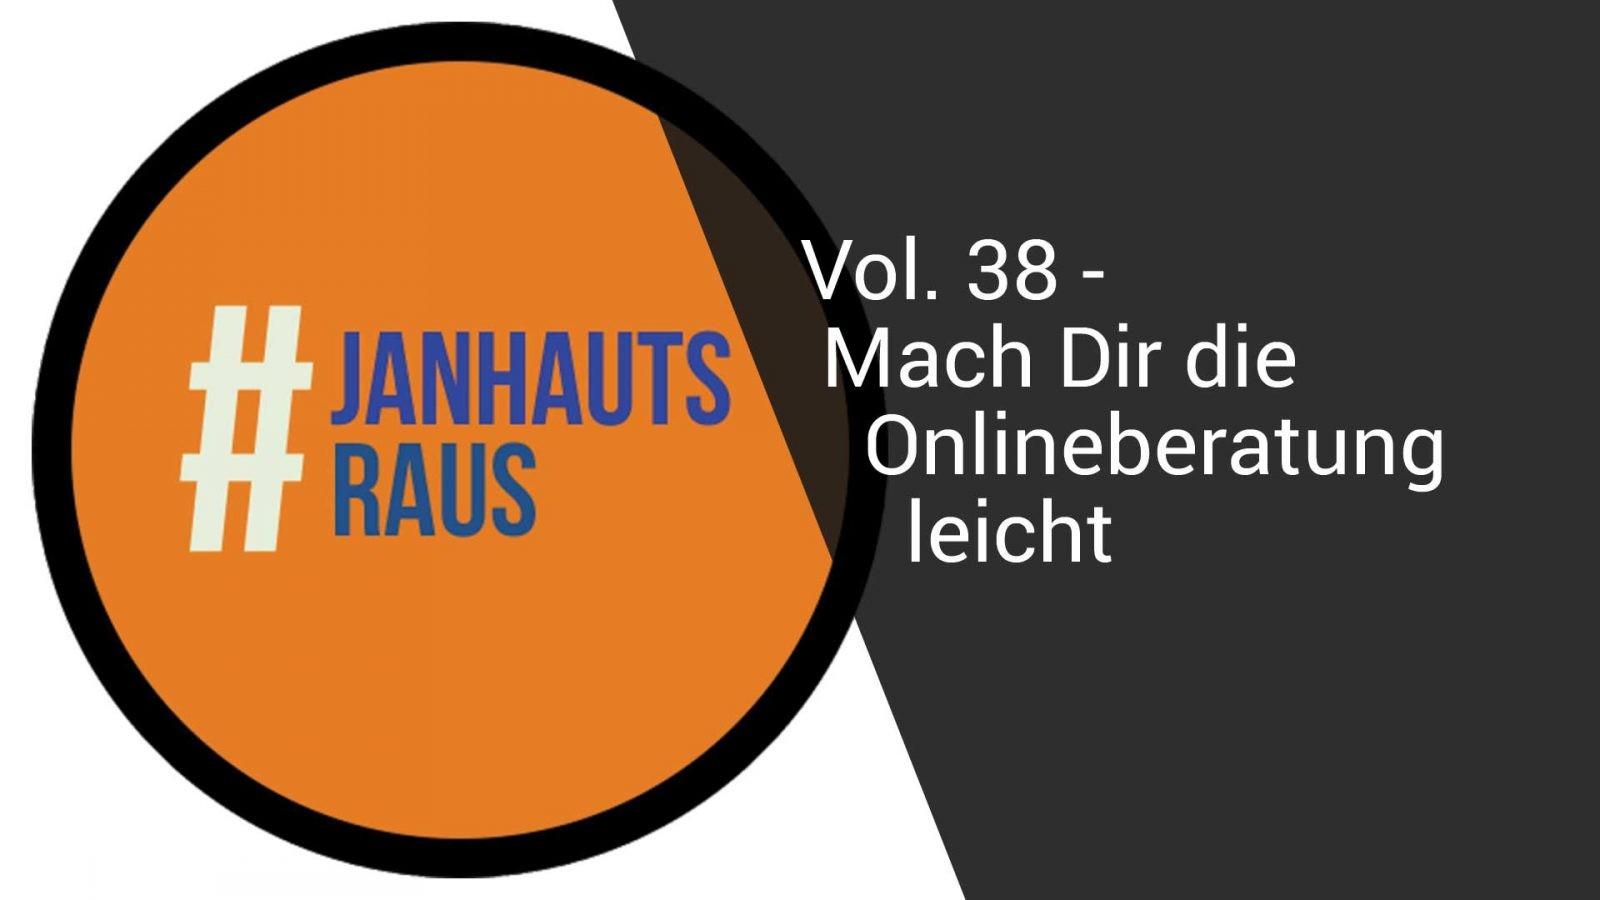 #janhautsraus - Vol. 38 - Mach Dir die Onlineberatung leicht